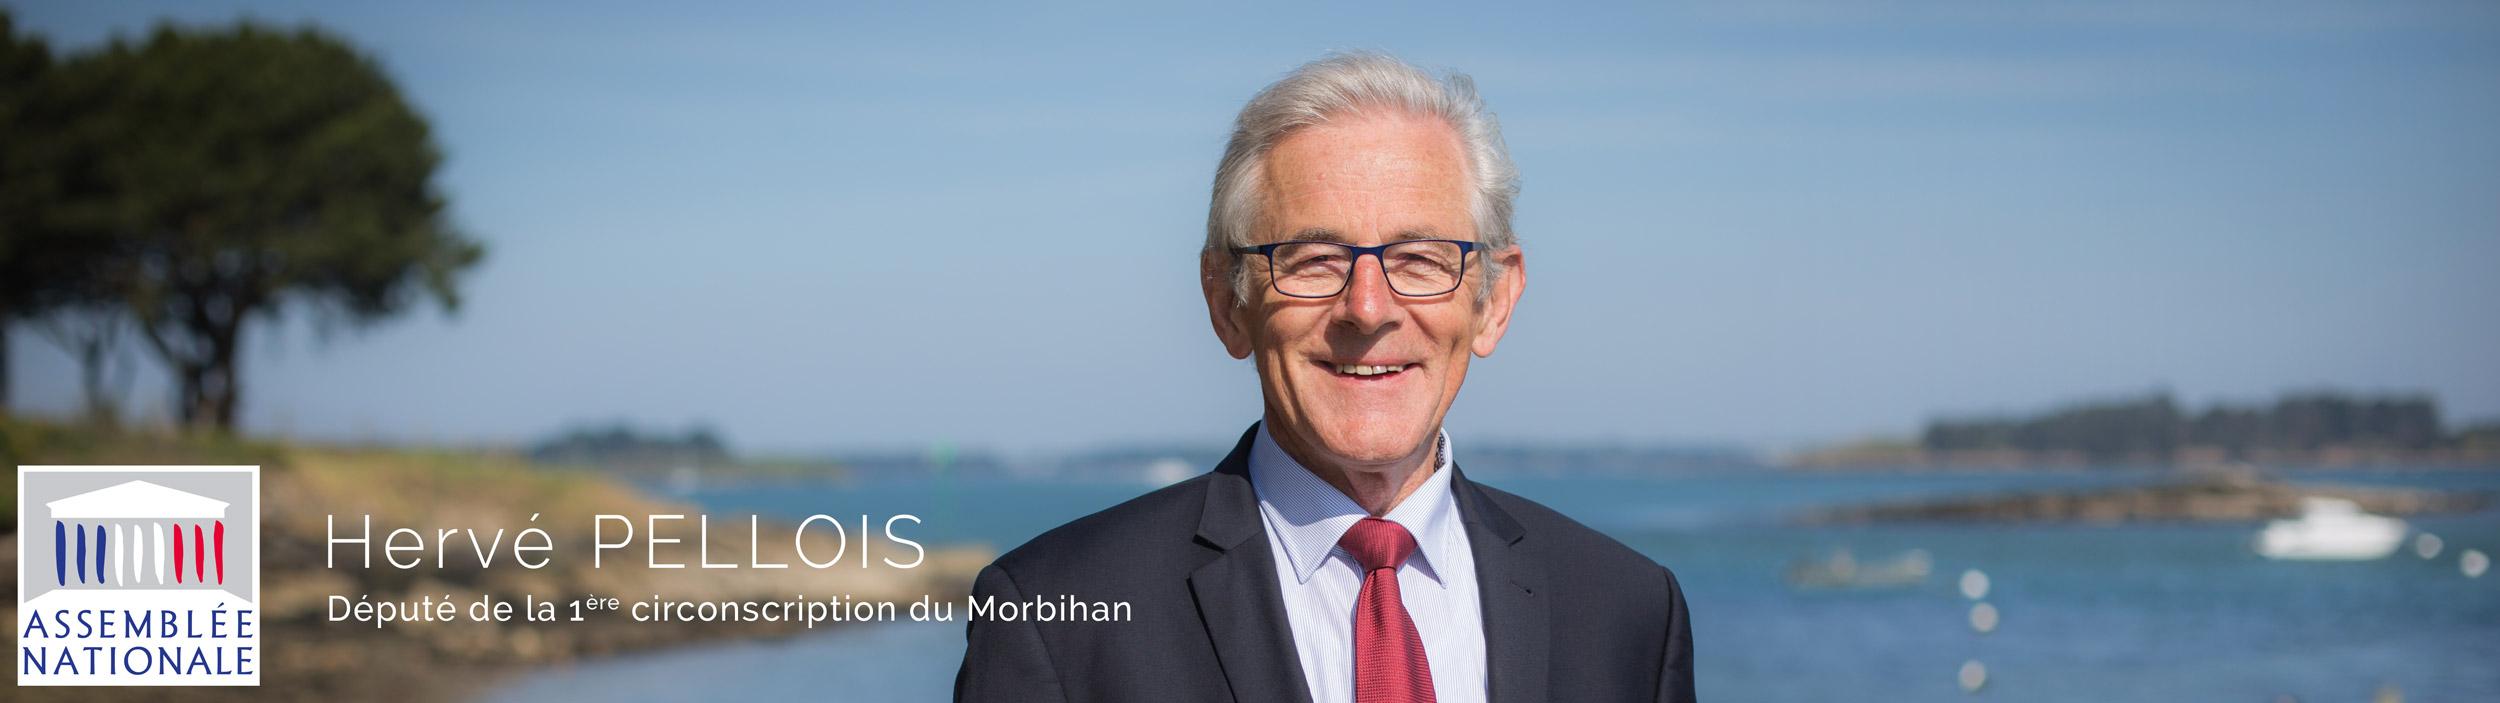 Hervé Pellois, député de la première circonscription du Morbihan